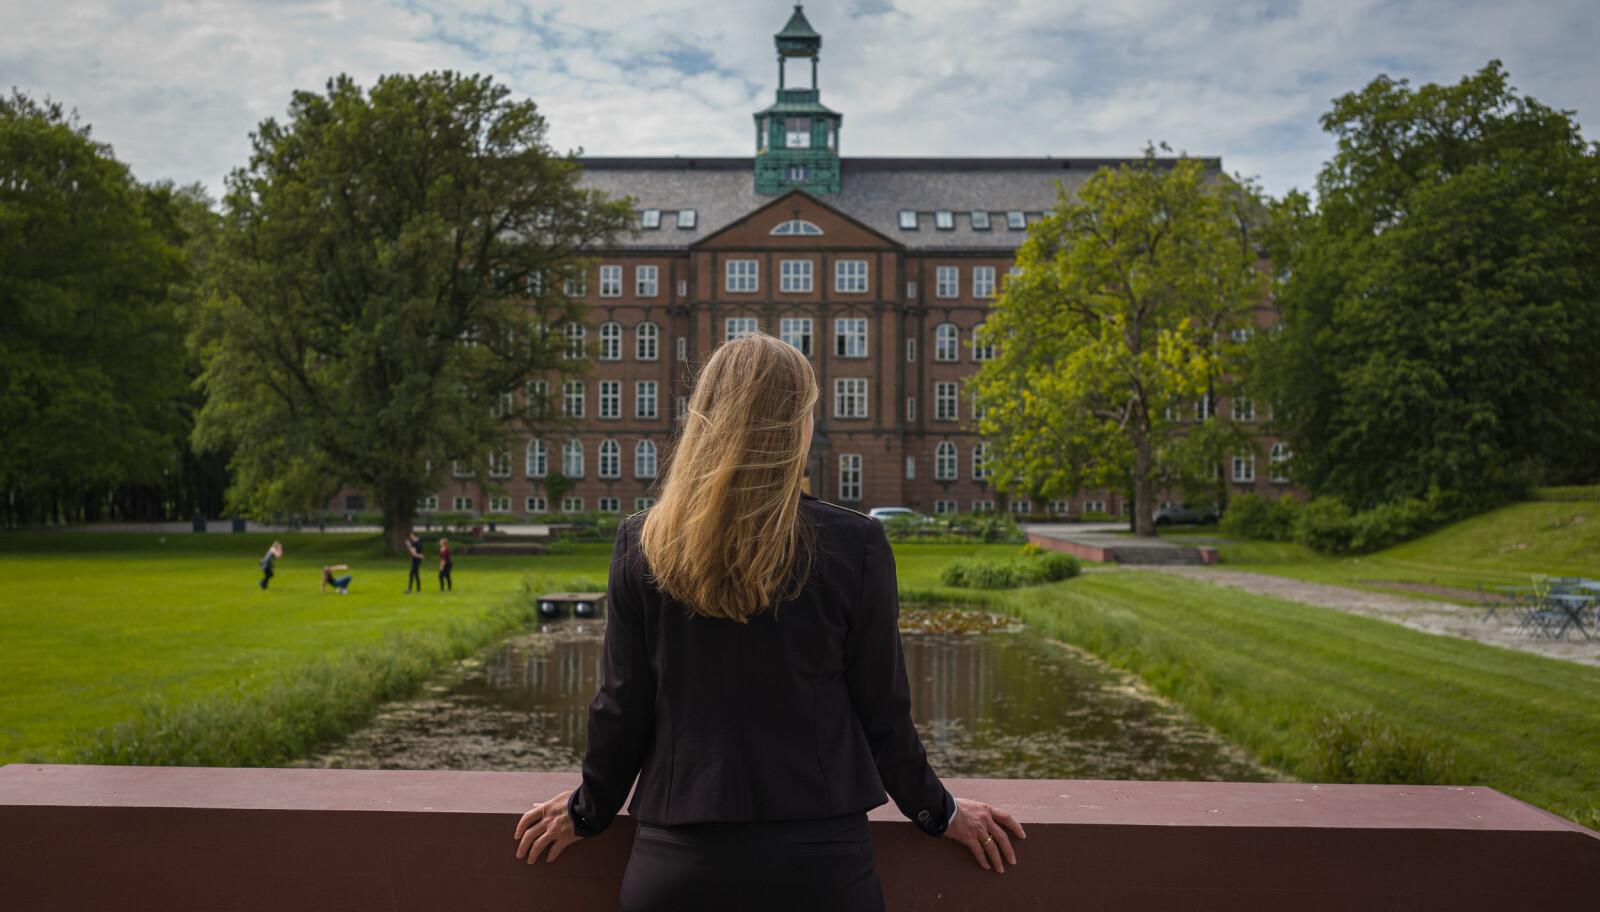 Siste innspurt. Foto: Siri Øverland Eriksen